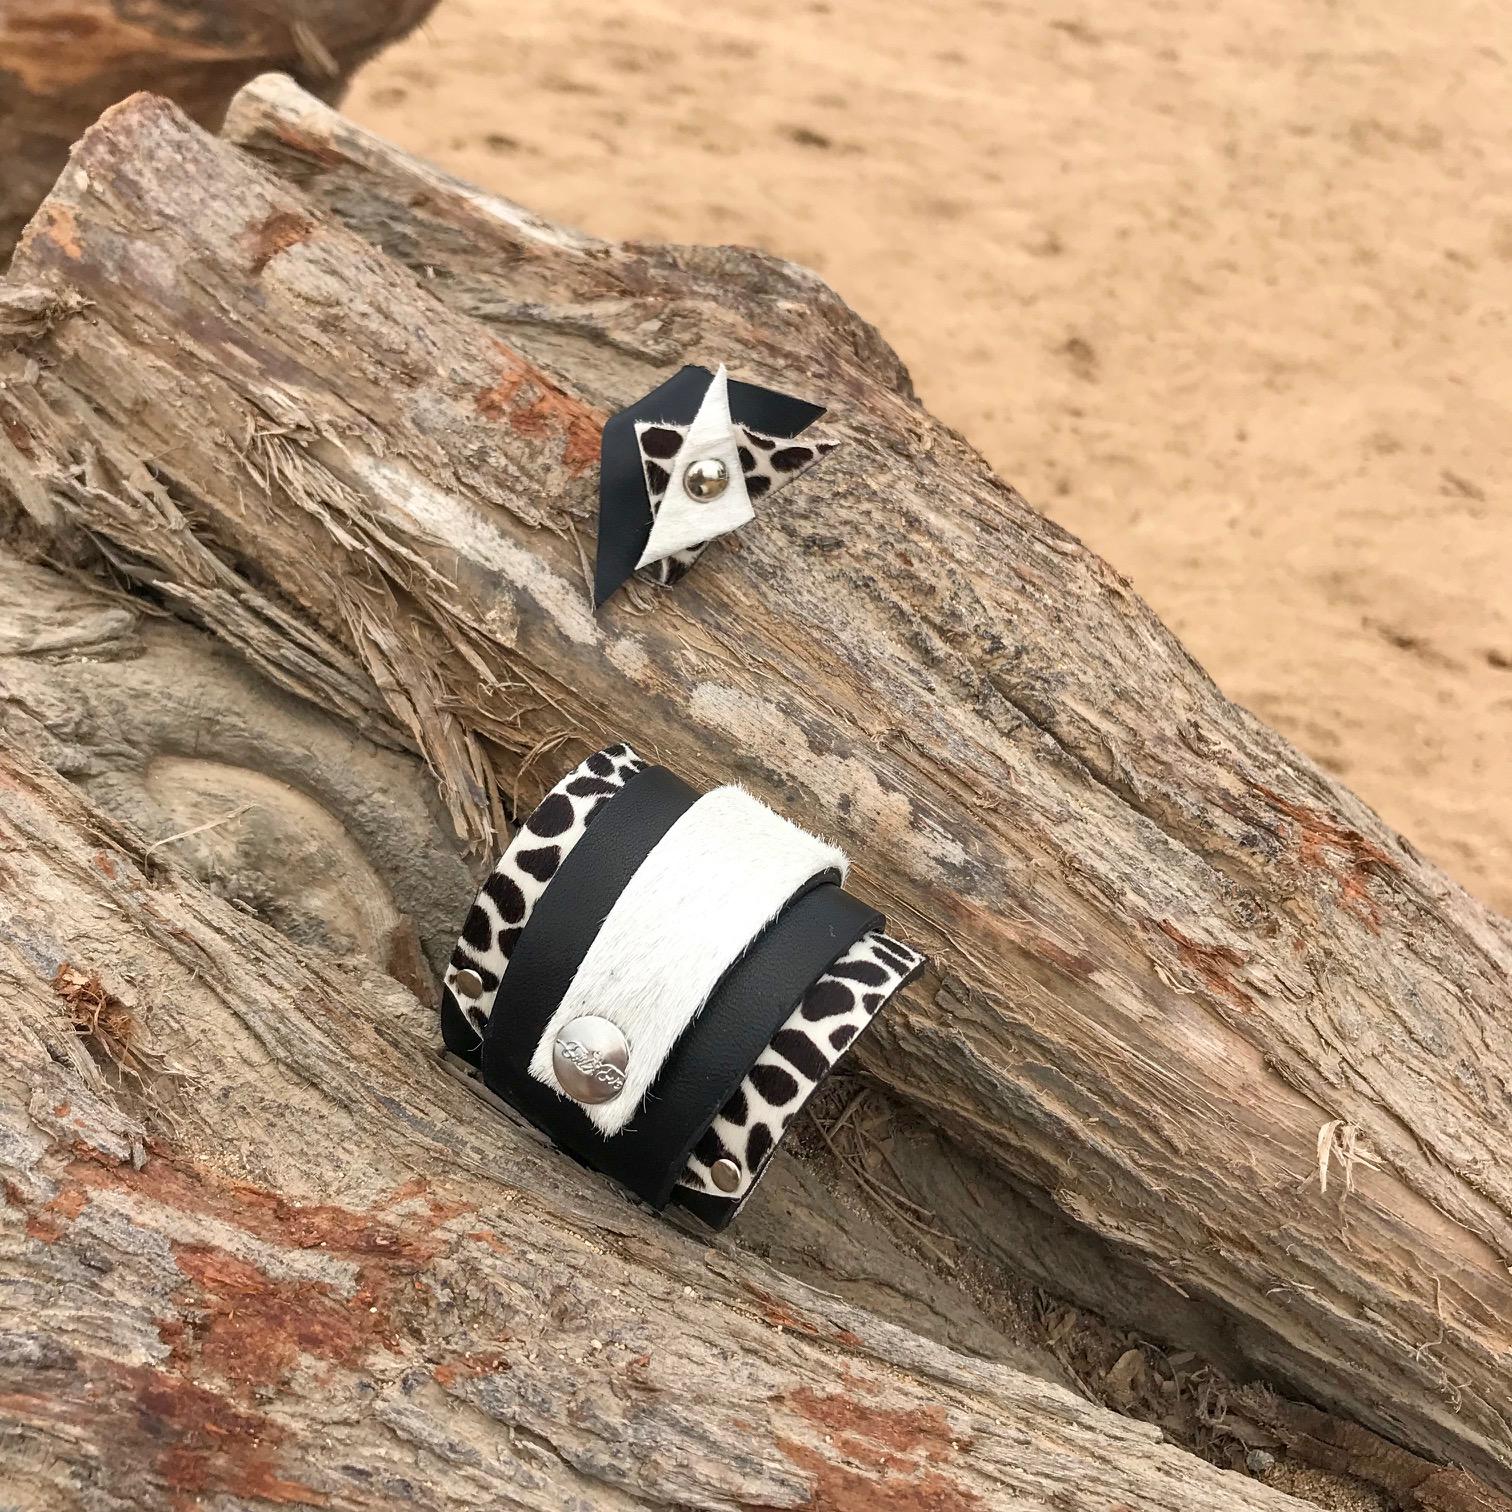 komplet cavallino passion usnjena zapestnica prstan evileve